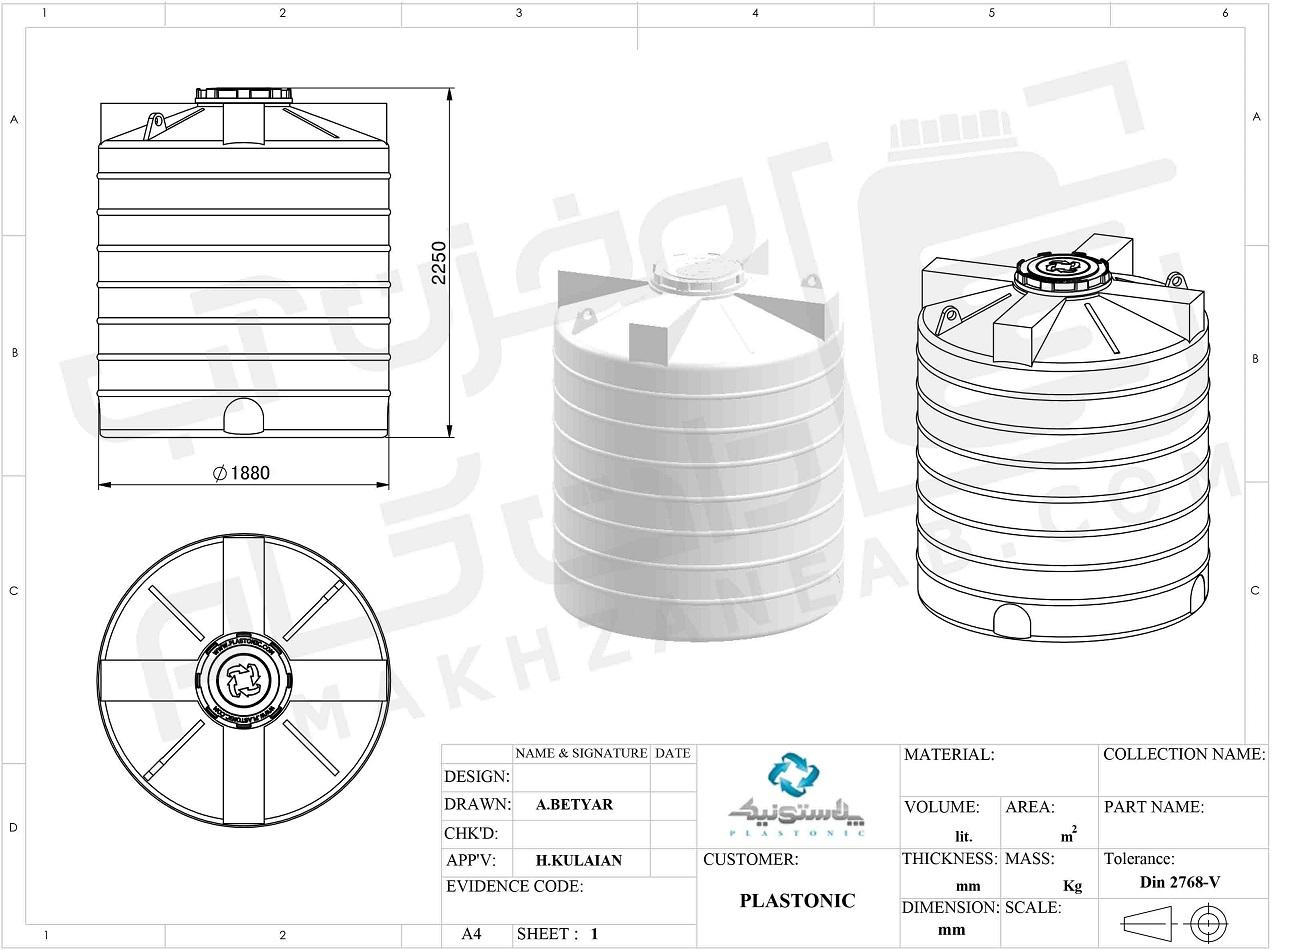 منبع پلاستیکی ۵۰۰۰ لیتری سه لایه عمودی بلند :